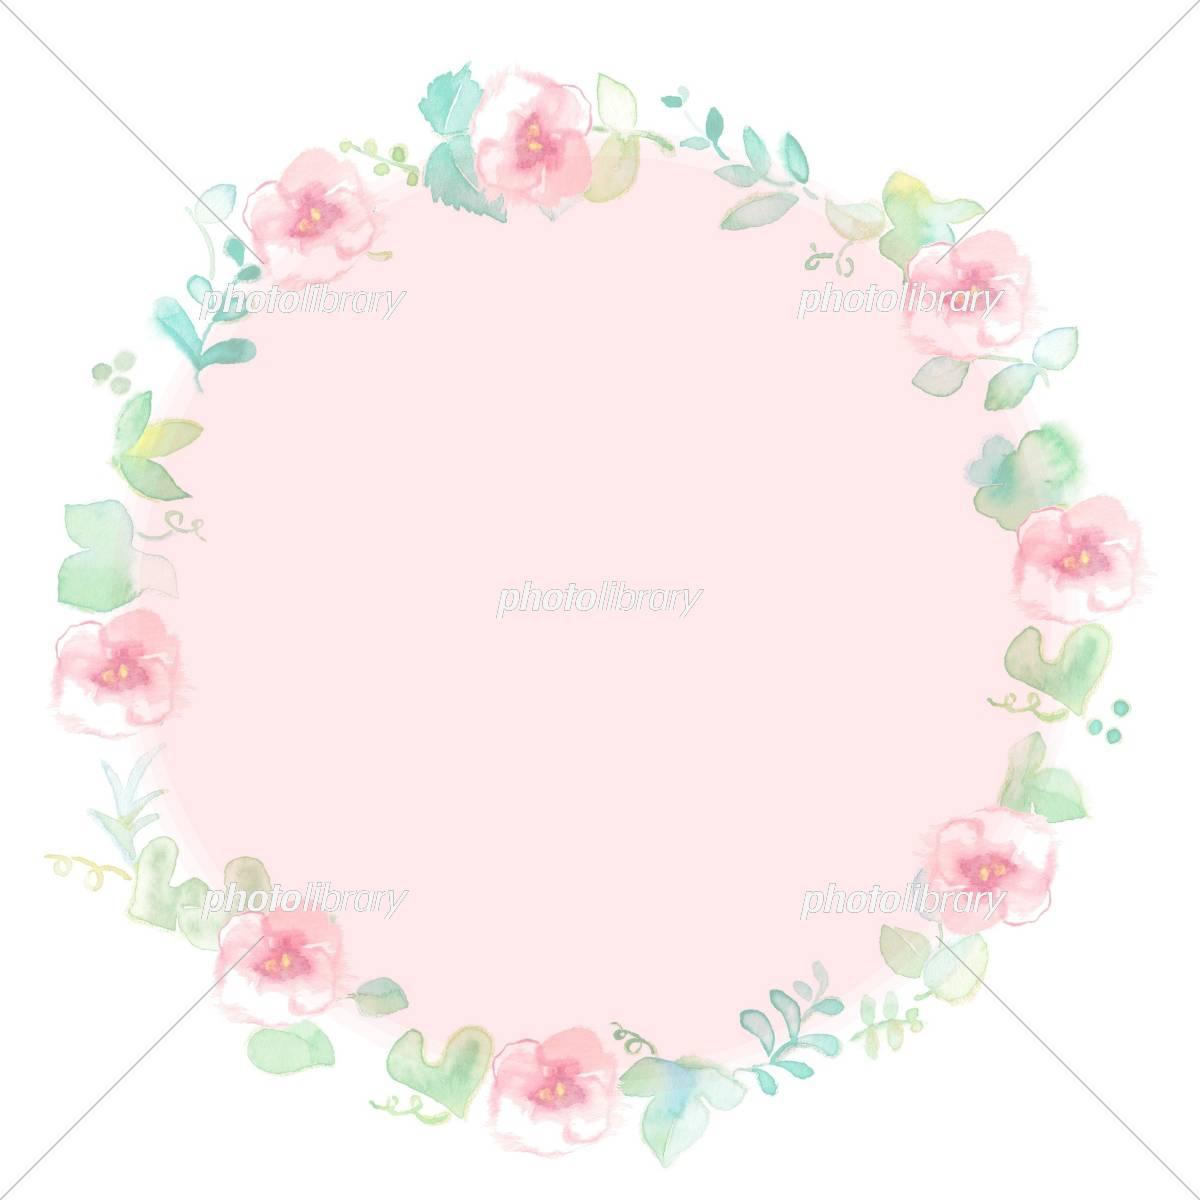 花のフレーム グリーン 淡いピンク サークル イラスト素材 [ 5310213